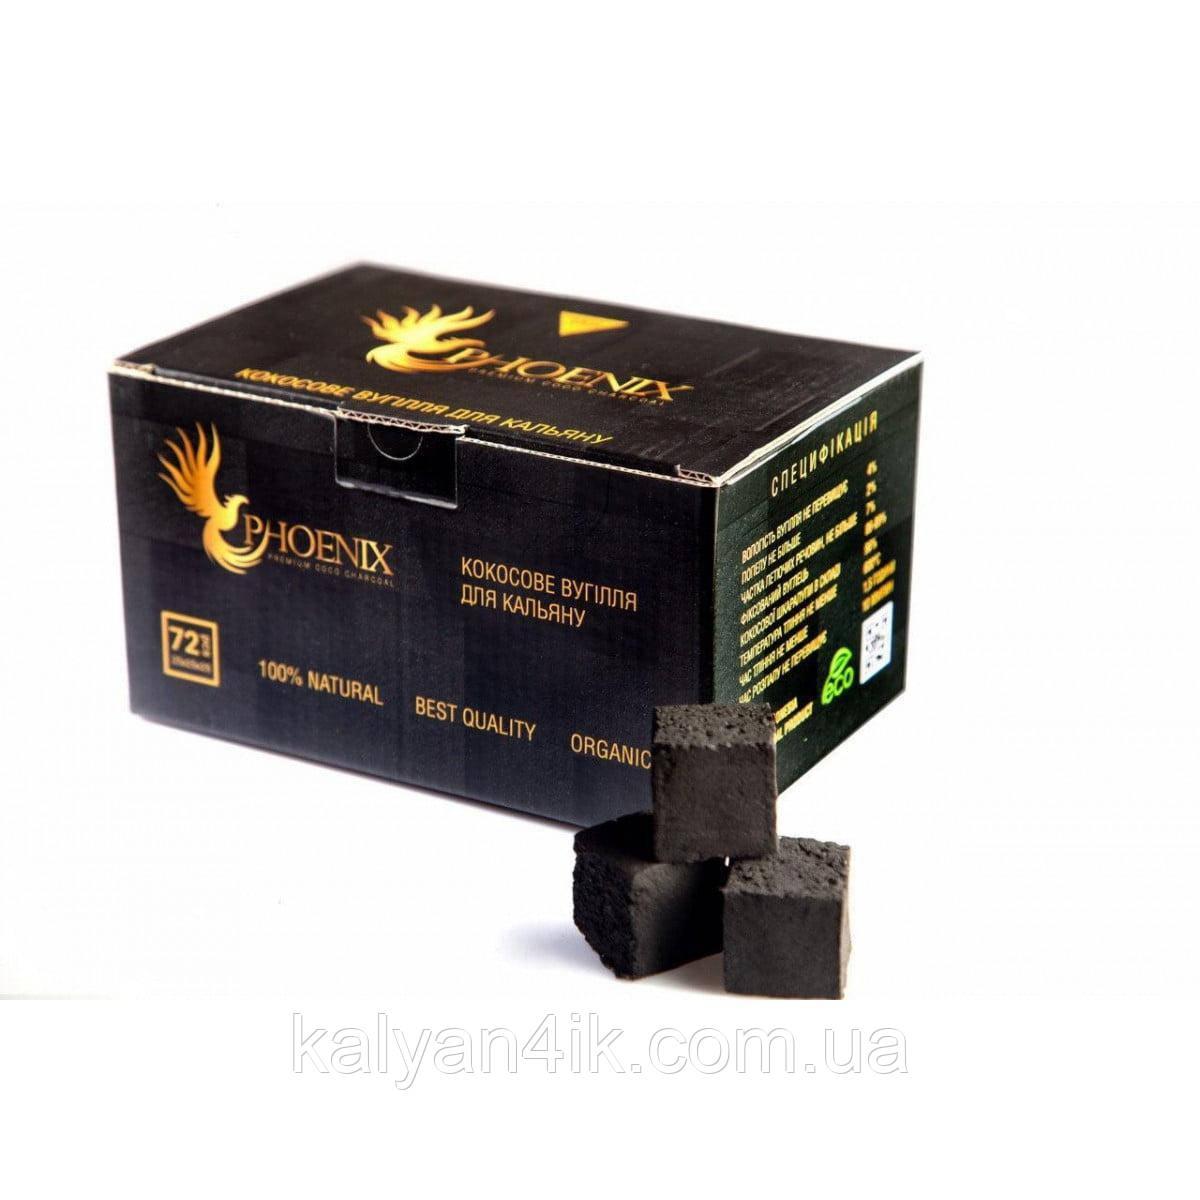 Уголь Phoenix 25й кубик 1кг в упаковке